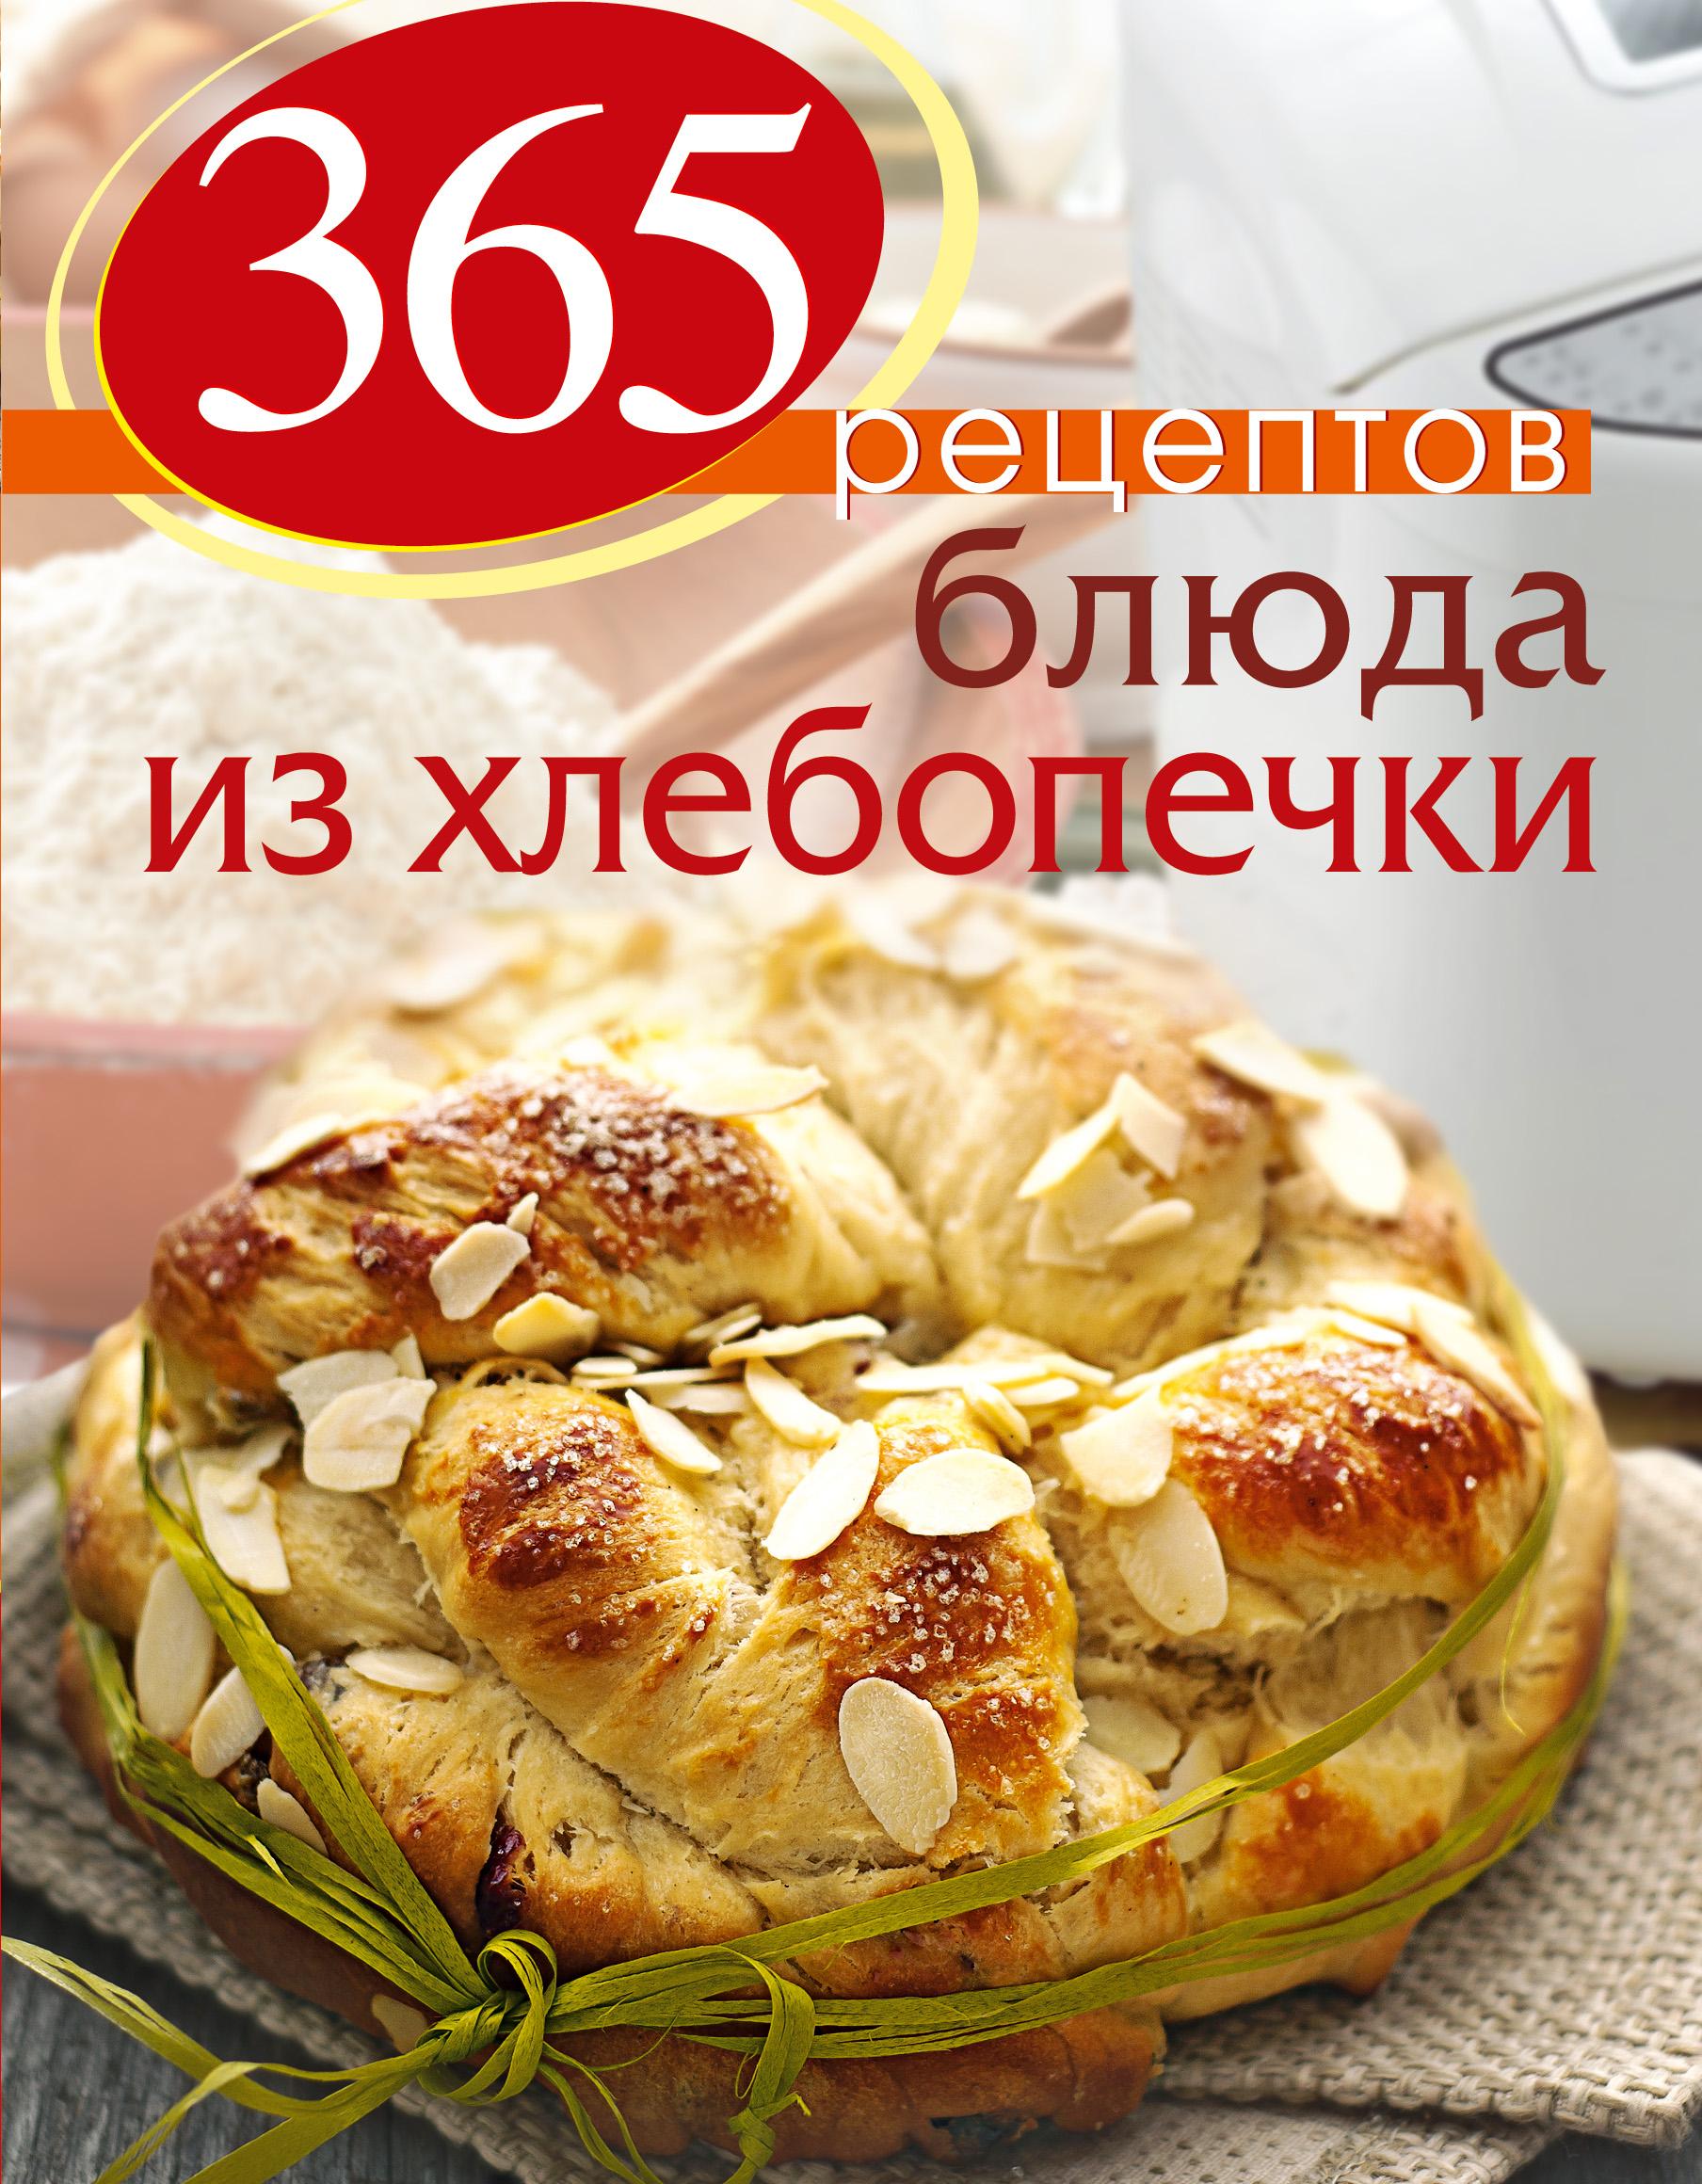 365 рецептов. Блюда из хлебопечки